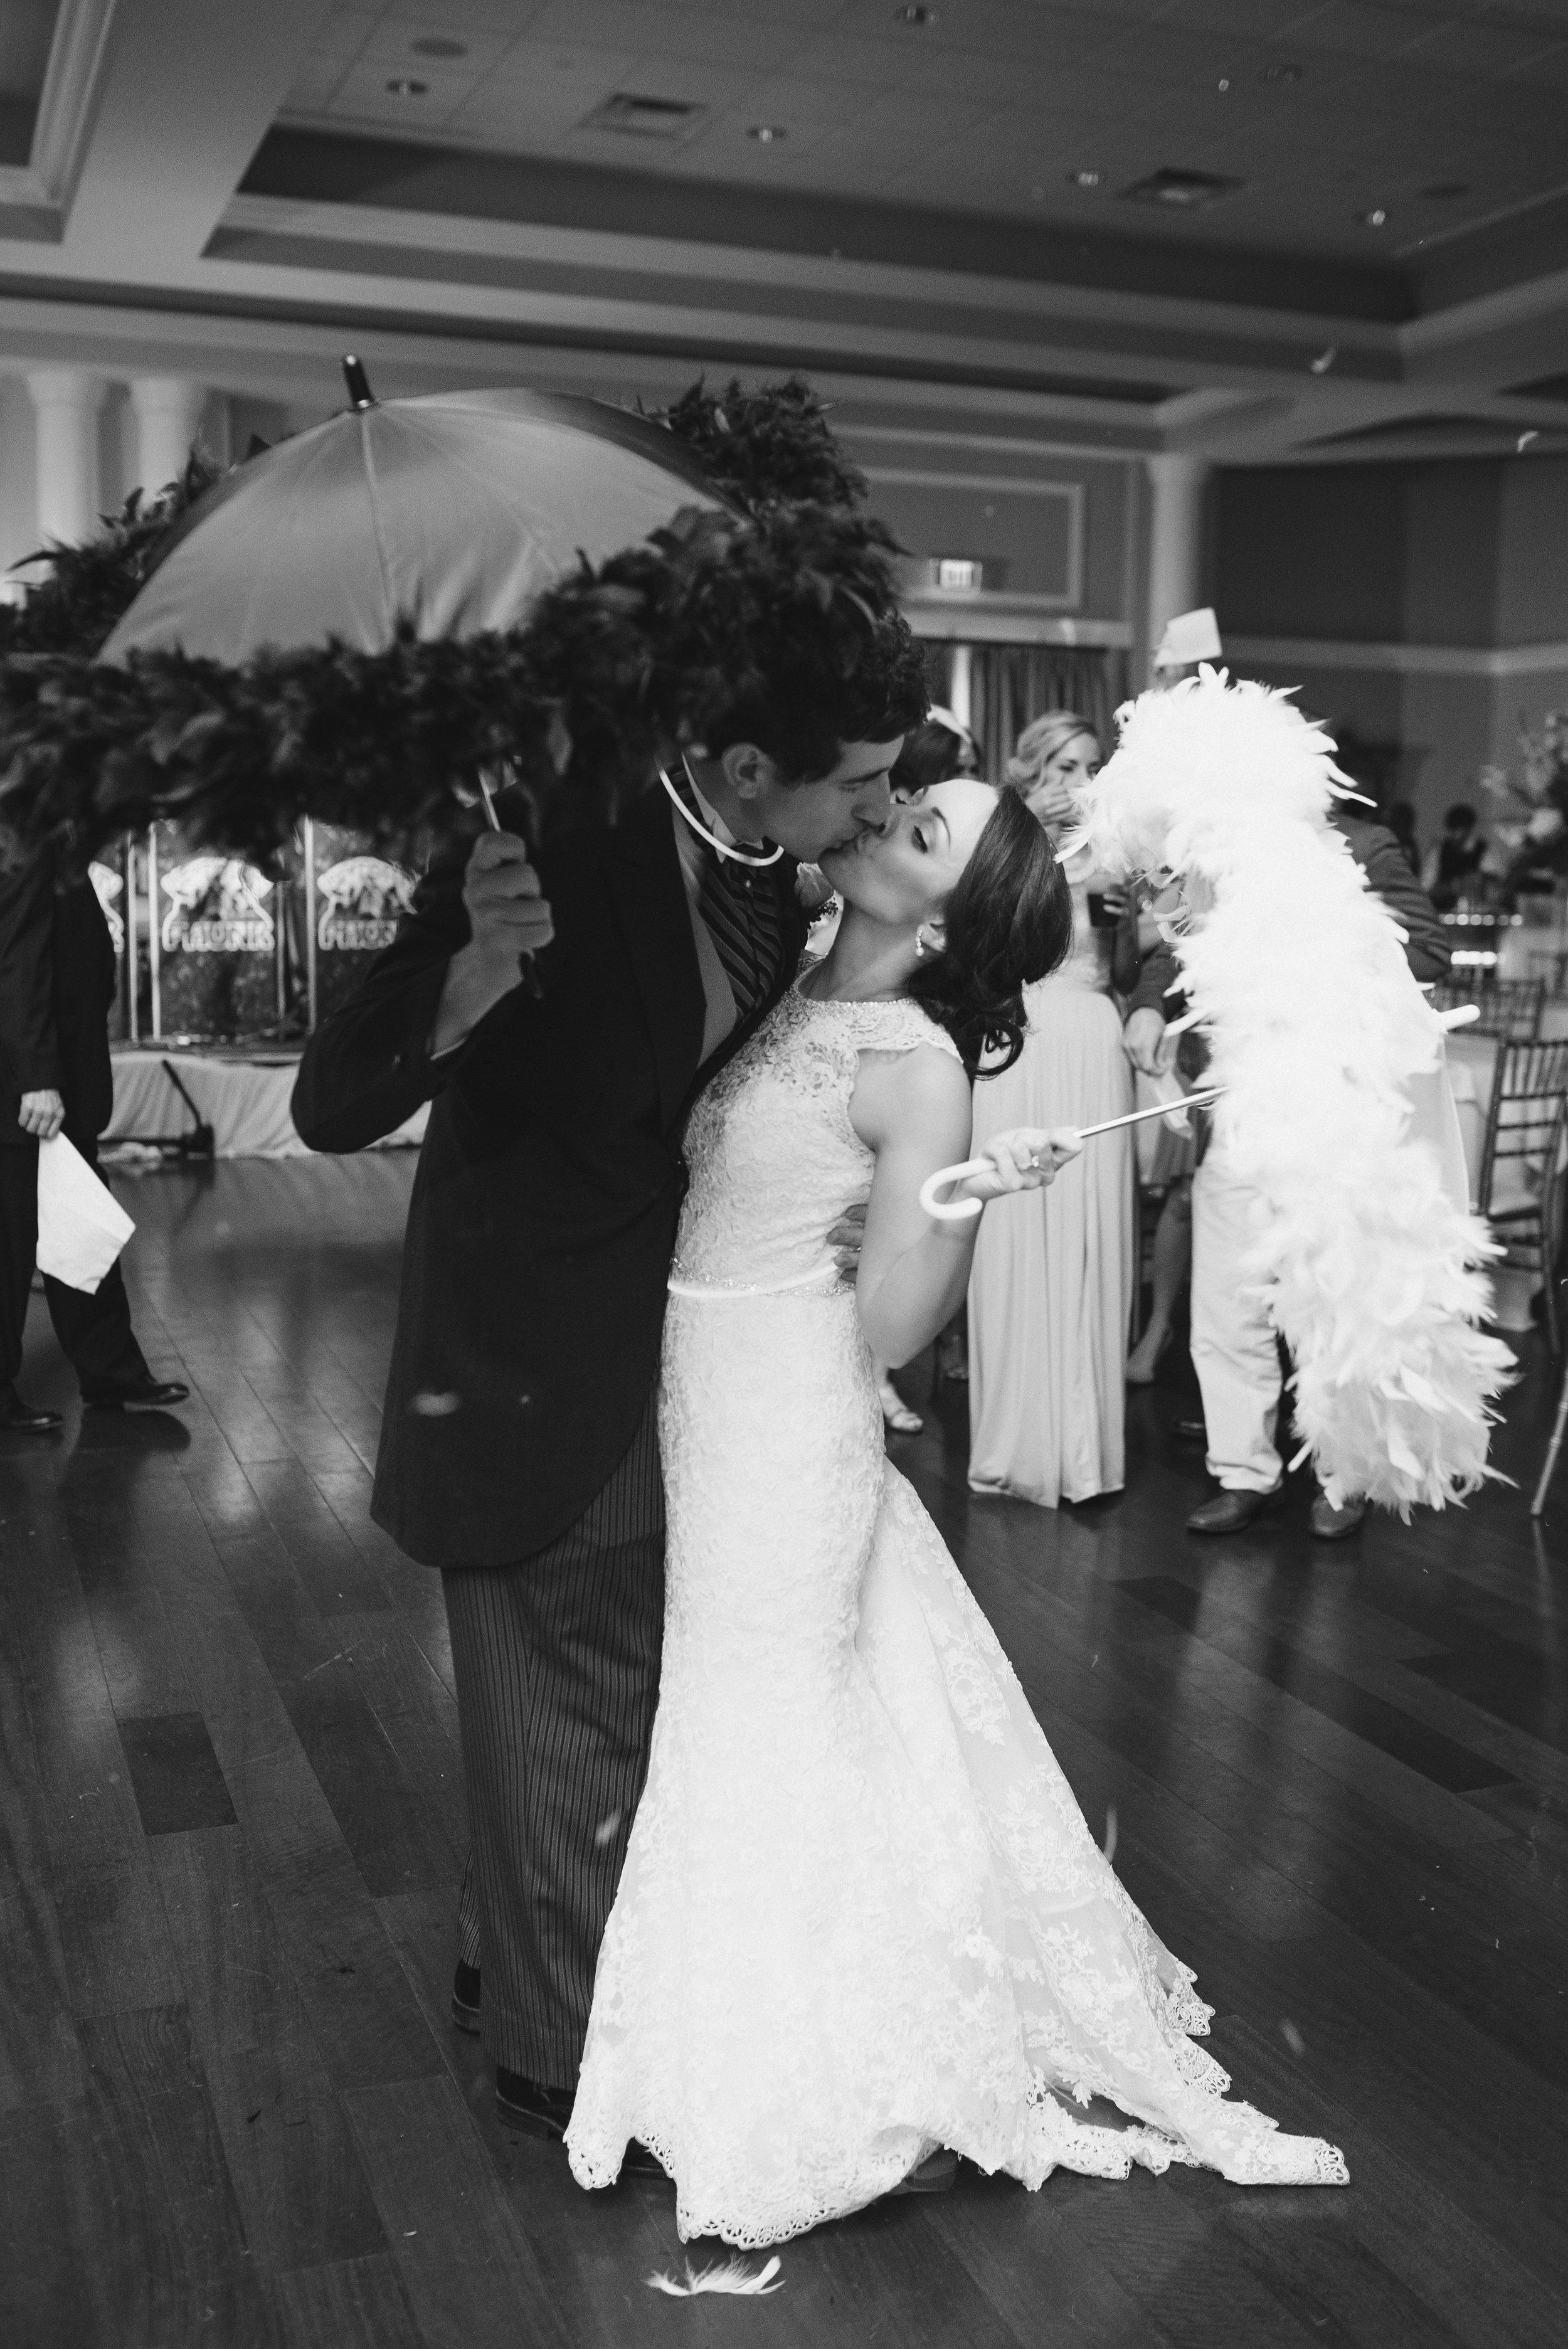 Ducote_Naccari_wedding_0969bw.jpg